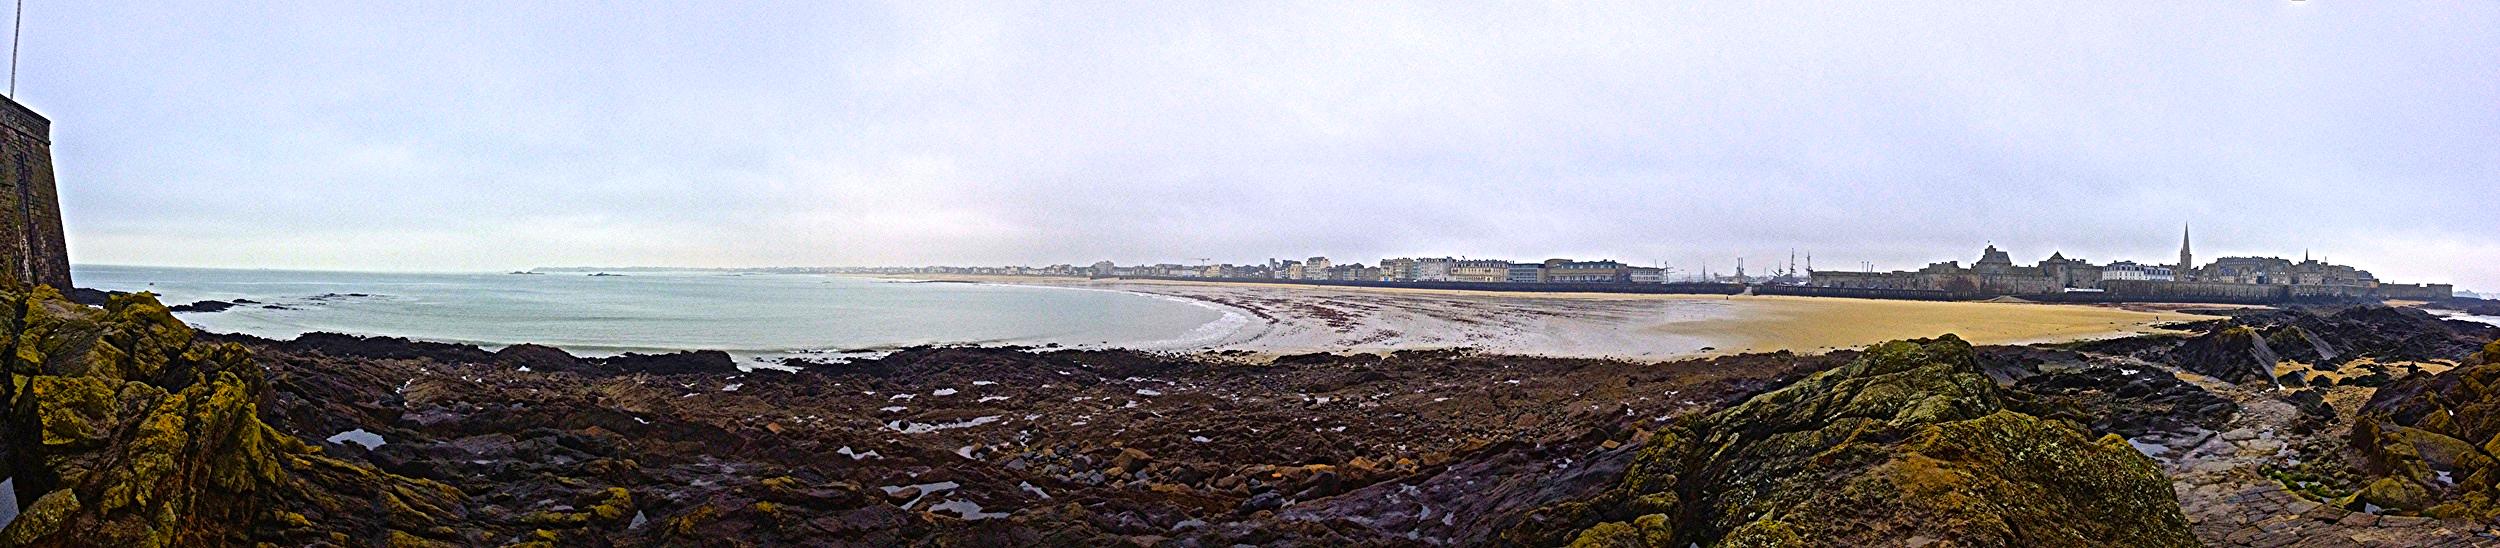 Panoramic of Saint Malo beach